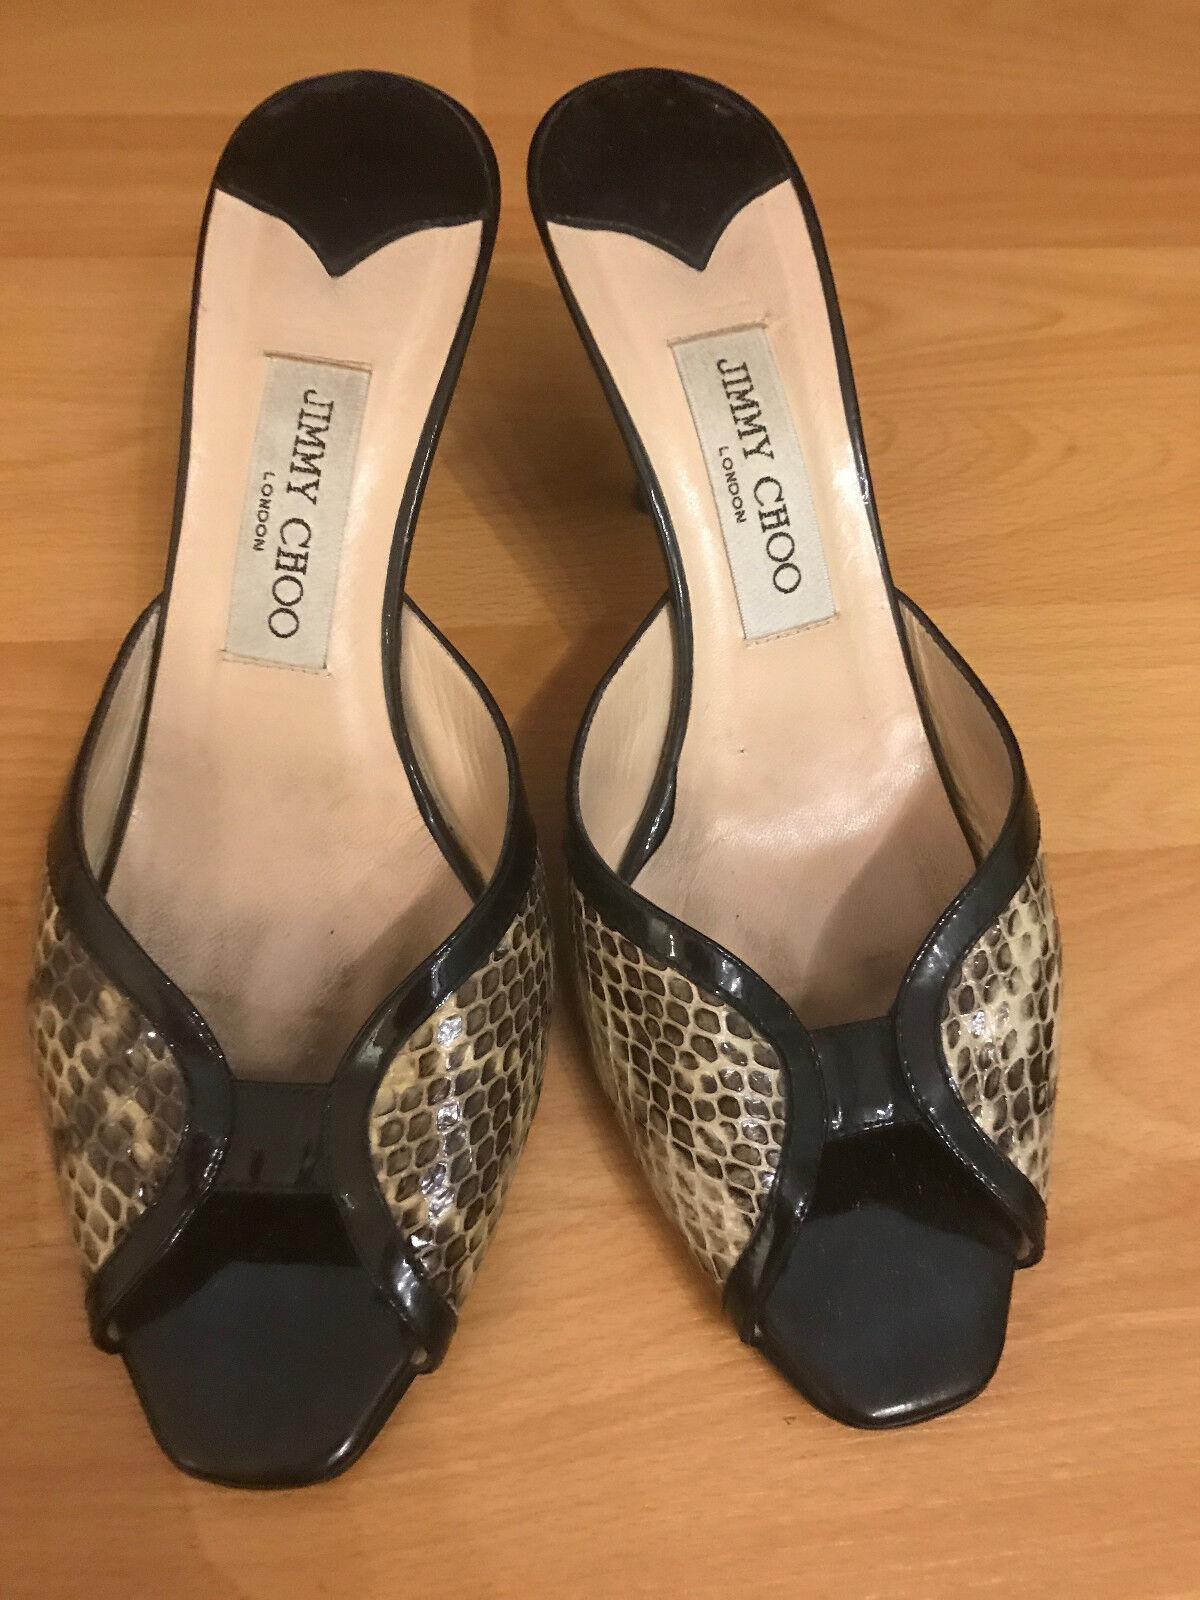 controlla il più economico JIMMY JIMMY JIMMY CHOO donna Leather Authentic scarpe Heels Dimensione 38    MONSICH  prezzi bassi di tutti i giorni